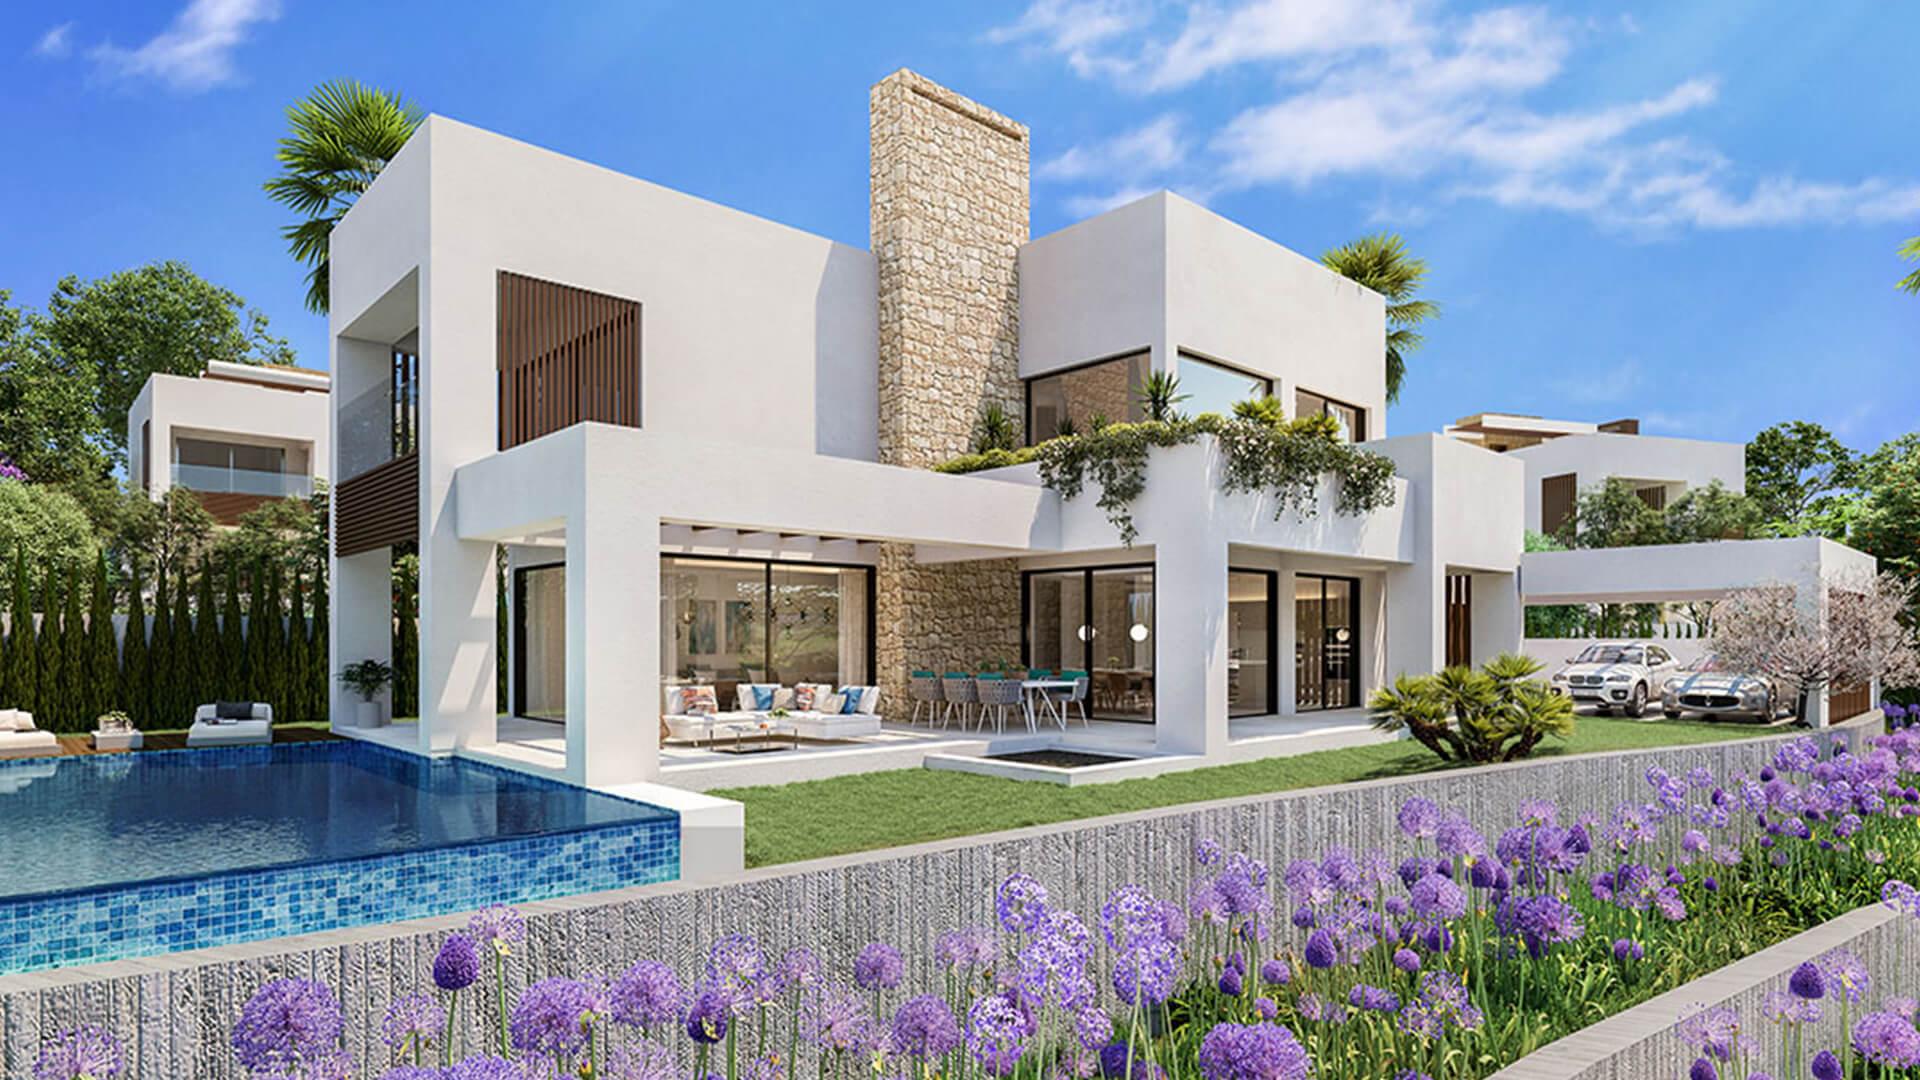 La Fuente Marbella